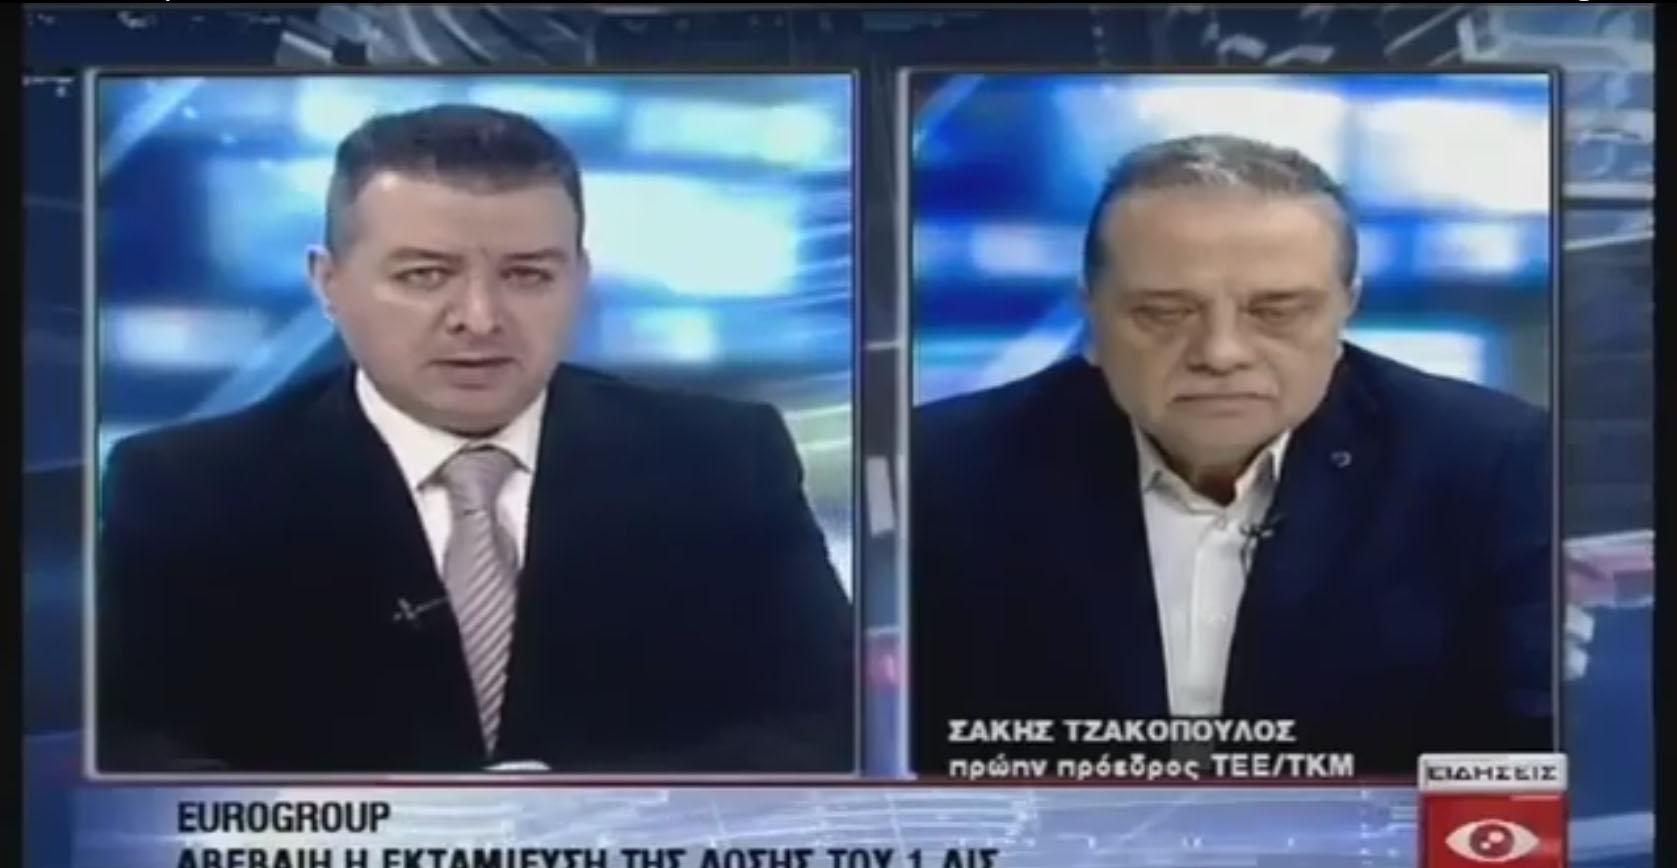 7-3-2019 Εμφάνιση στο EgnatiaTV στις ειδήσεις με τον κο Λαζάρου